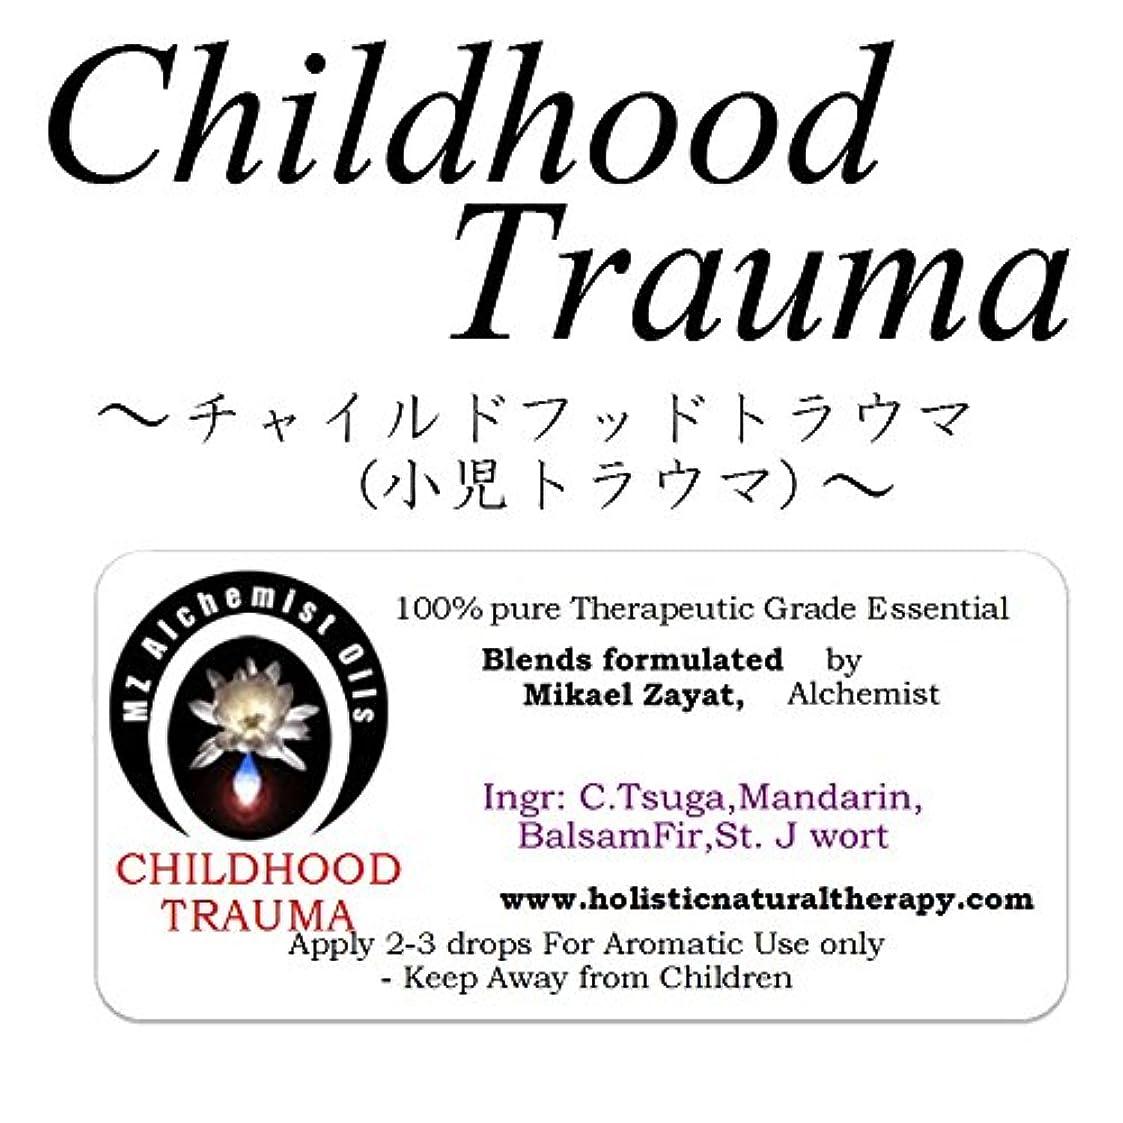 できた日記動かすミカエルザヤットアルケミストオイル セラピストグレードアロマオイル Childhood Trauma-チャイルドフット?トラウマ(小児トラウマ)- 4ml